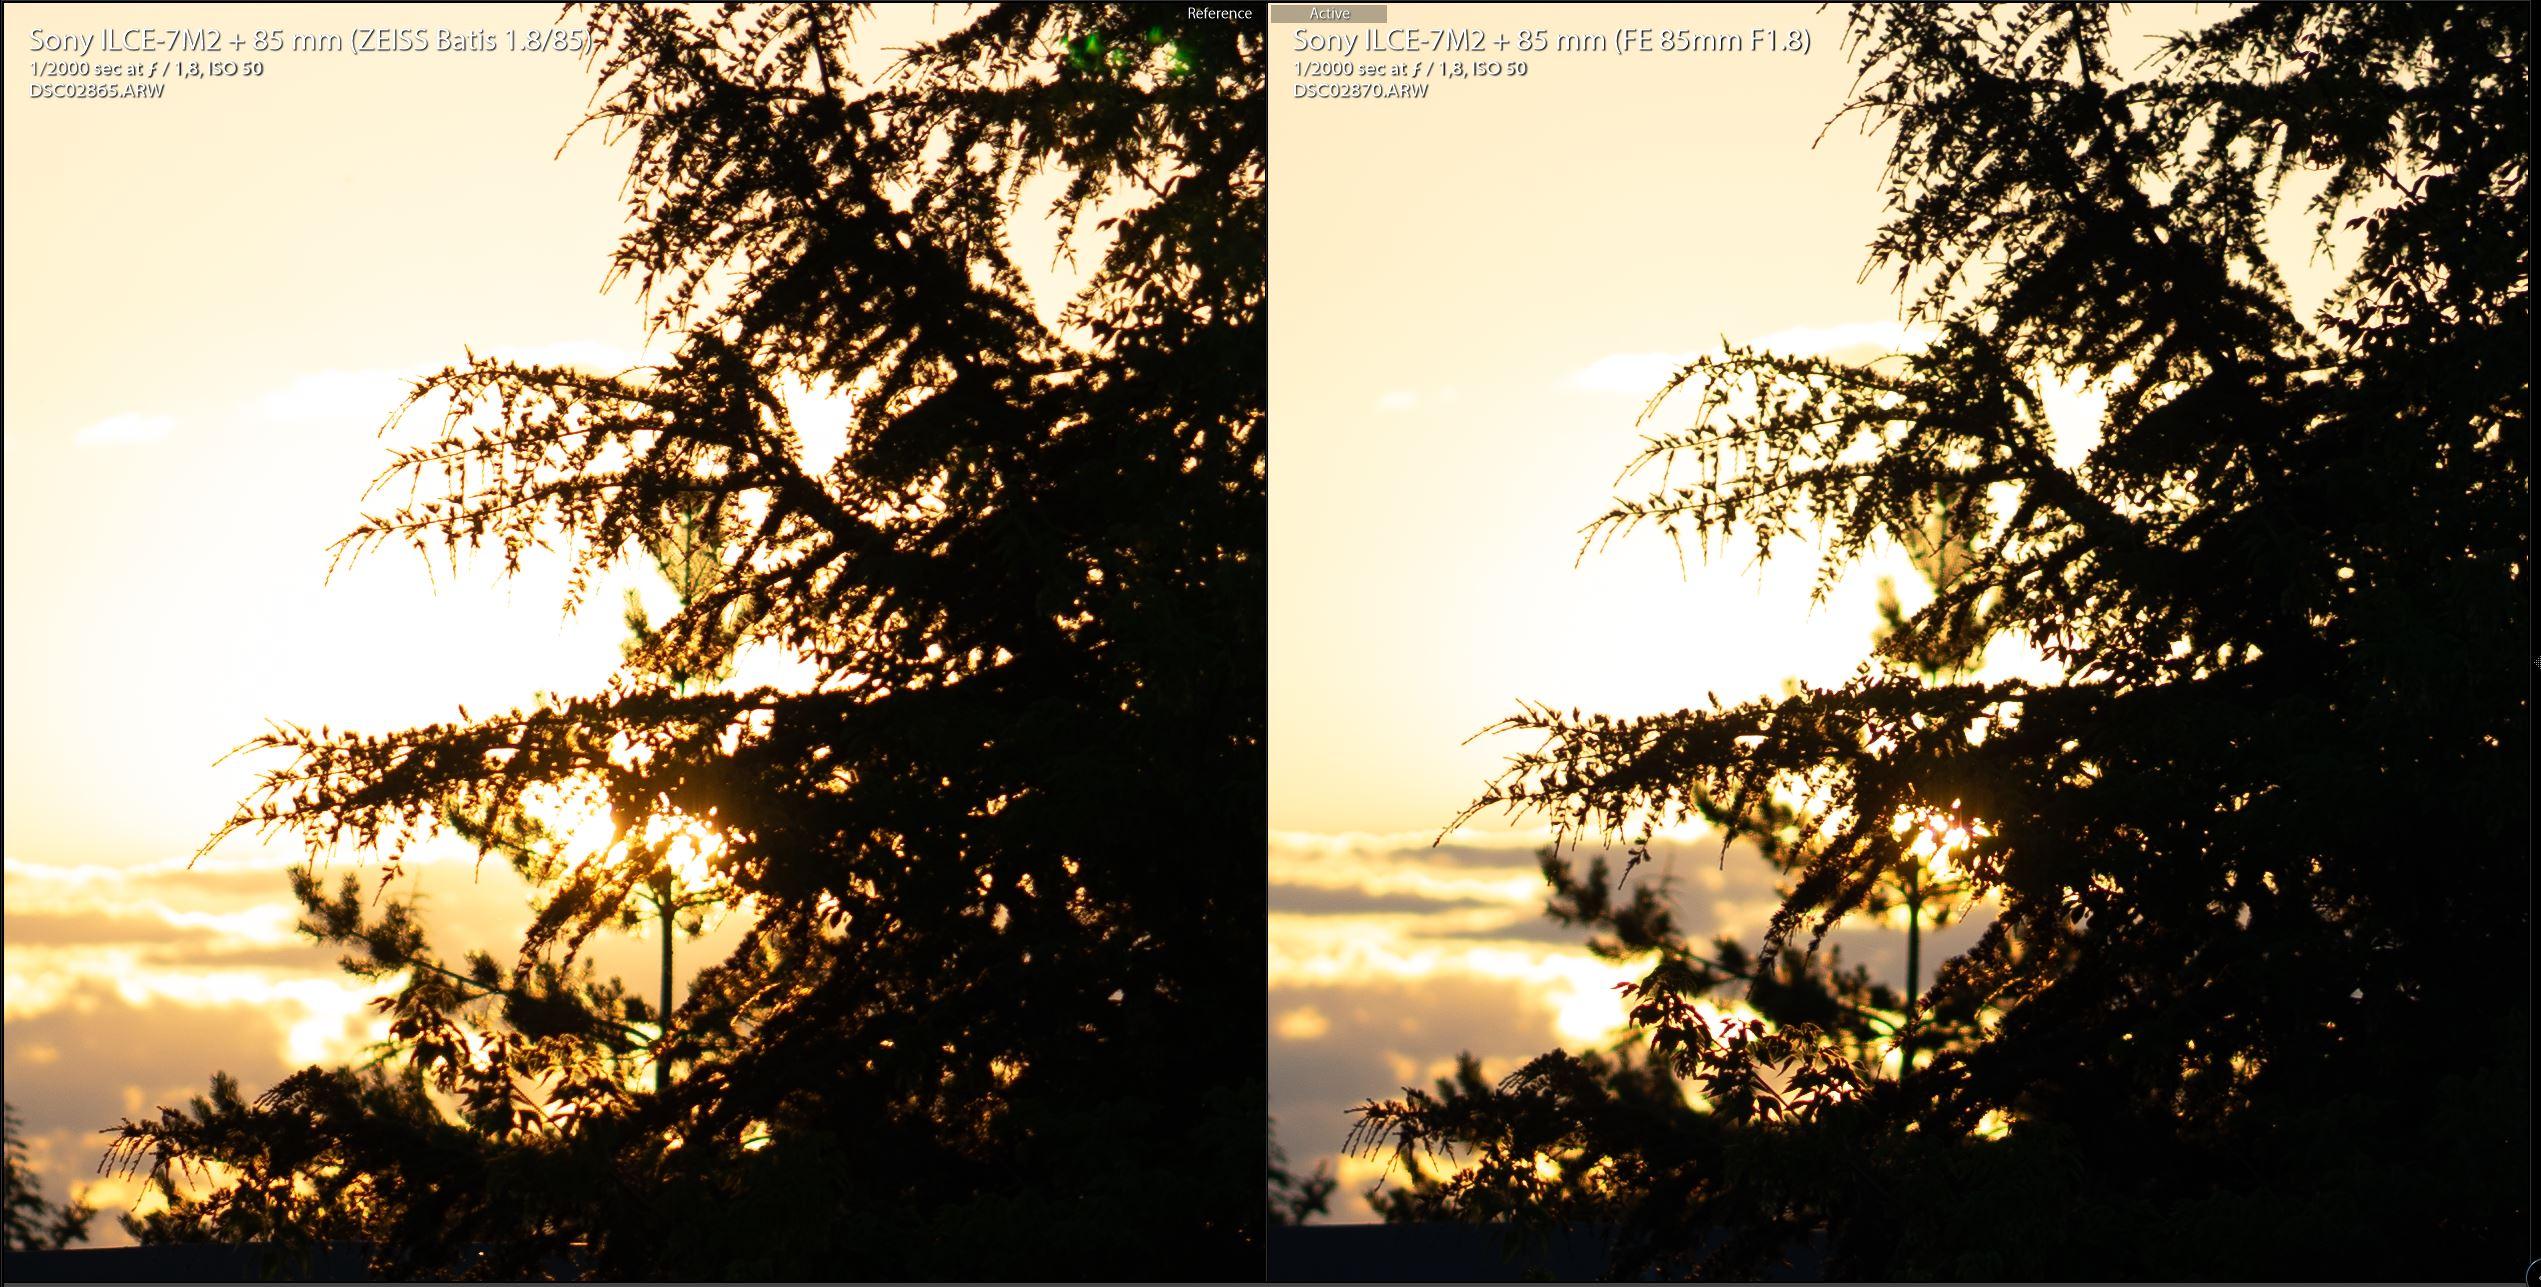 Zeiss-Batis-85mm-vs-Sony-FE-85mm-F1.8-ters-isik.JPG